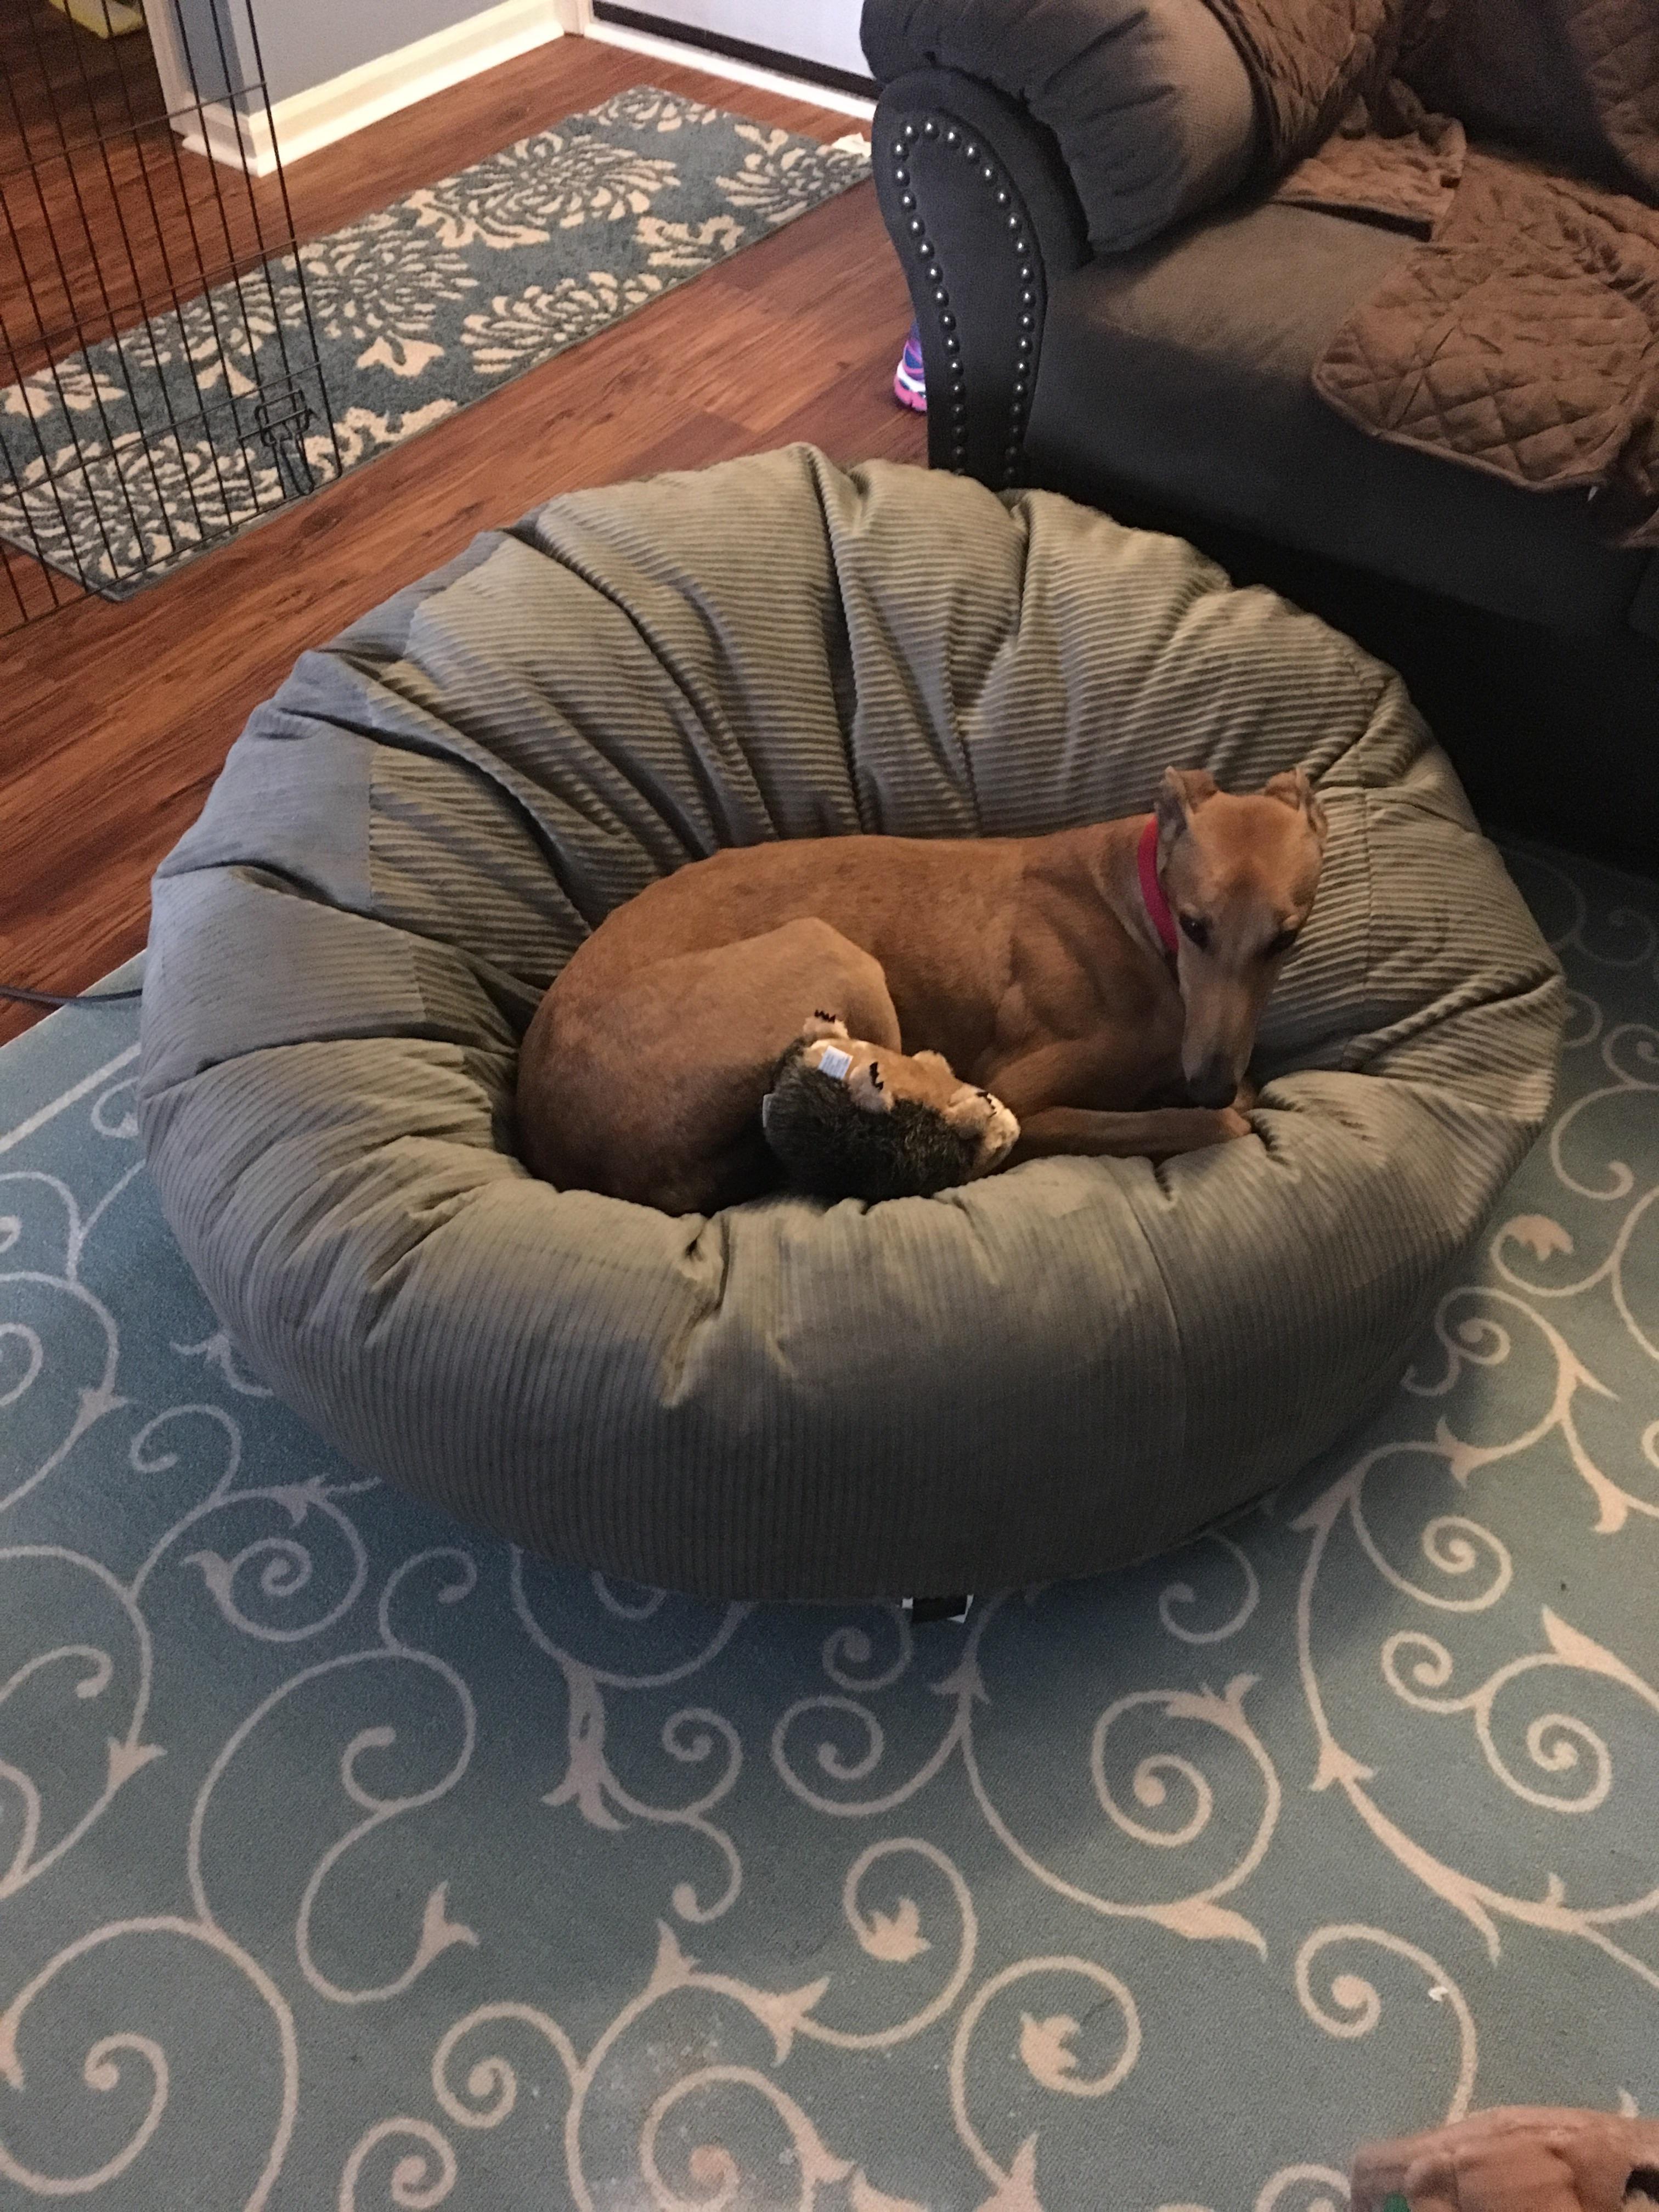 Amazon.com: slumber ball dog bed